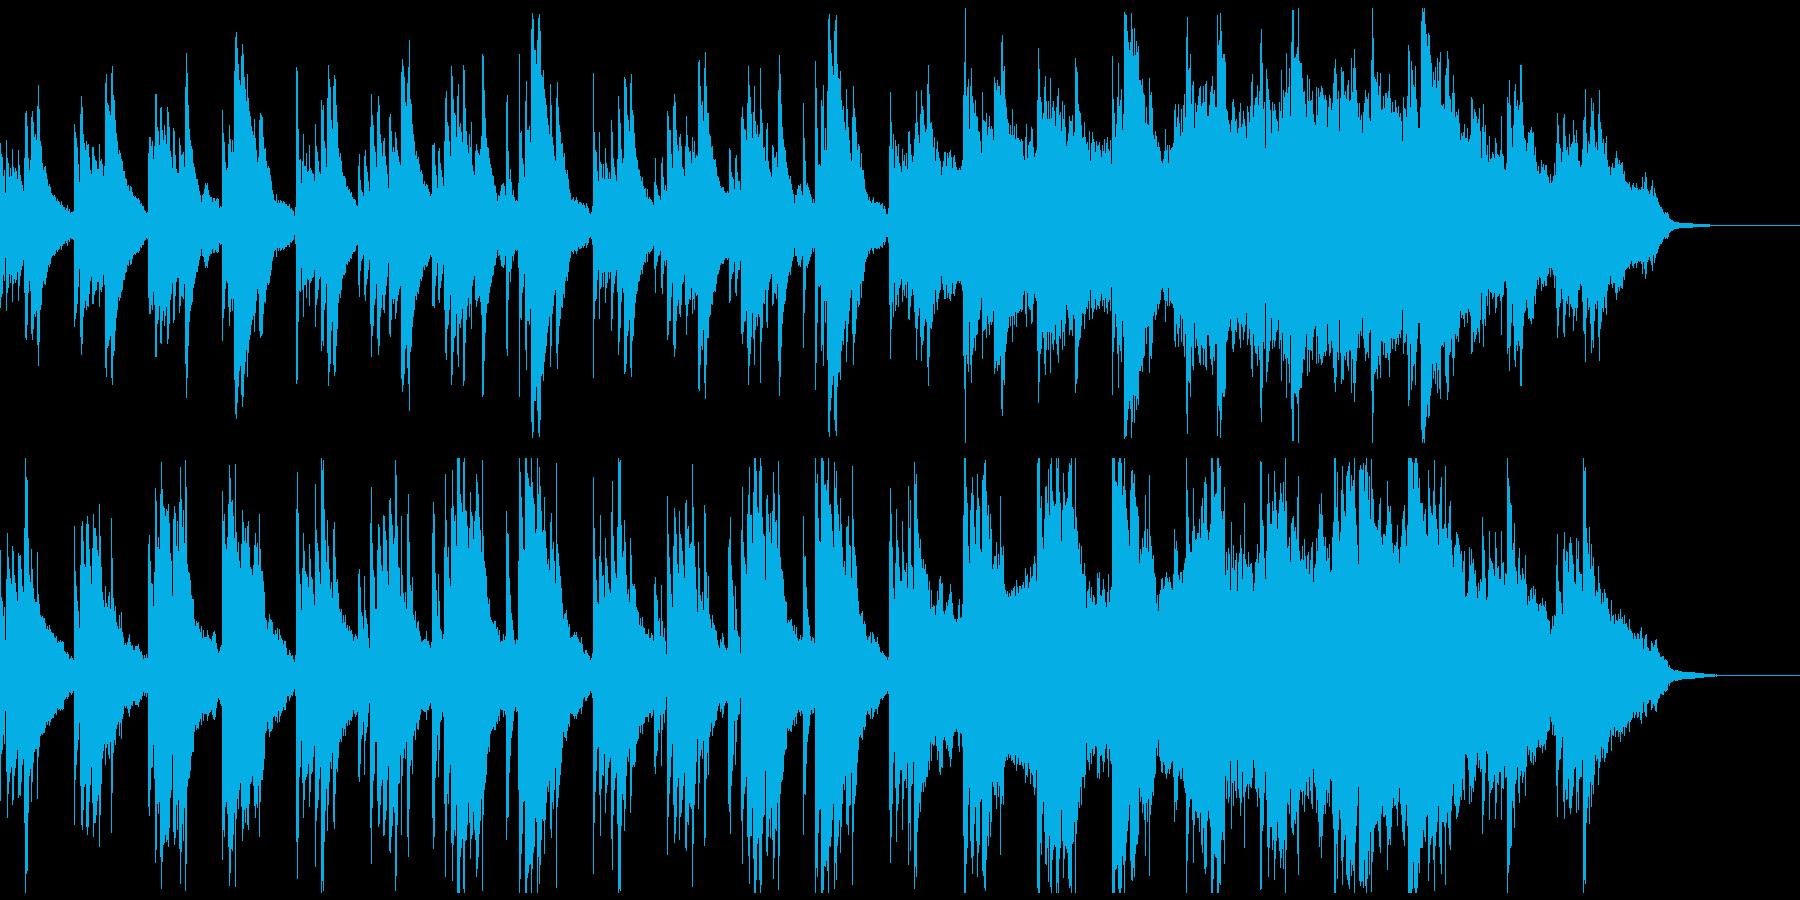 ピアノと弦による悲しげで深みのある曲の再生済みの波形